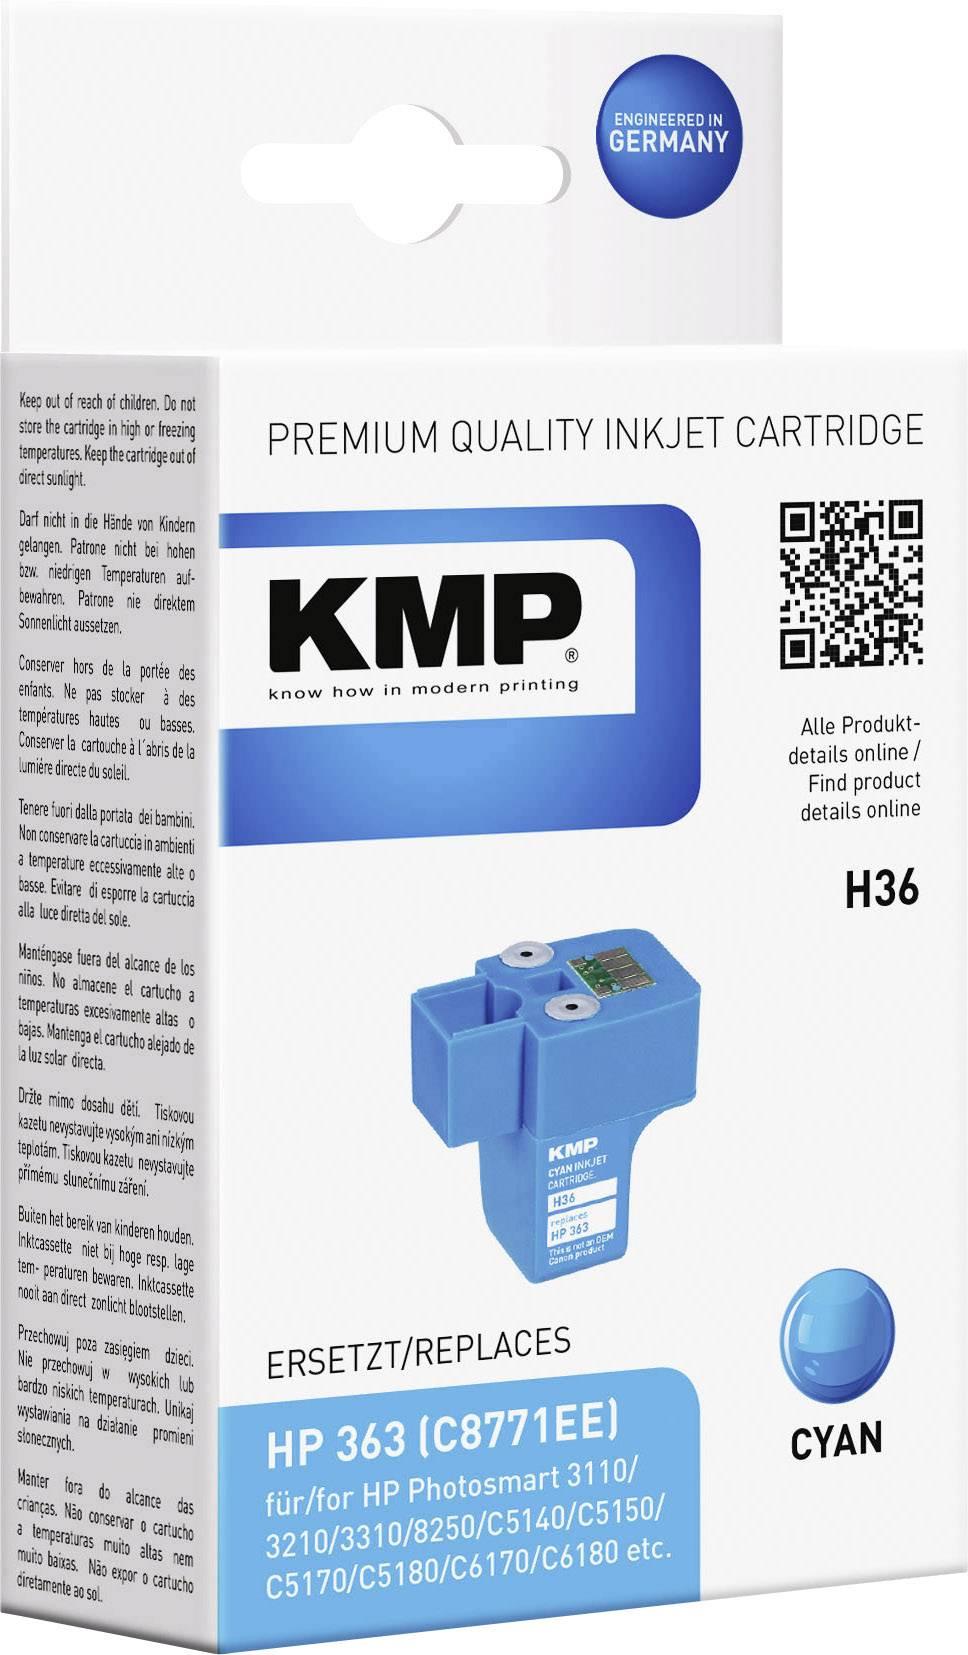 Kompatibilná náplň do tlačiarne KMP H36 1700,0003, zelenomodrá